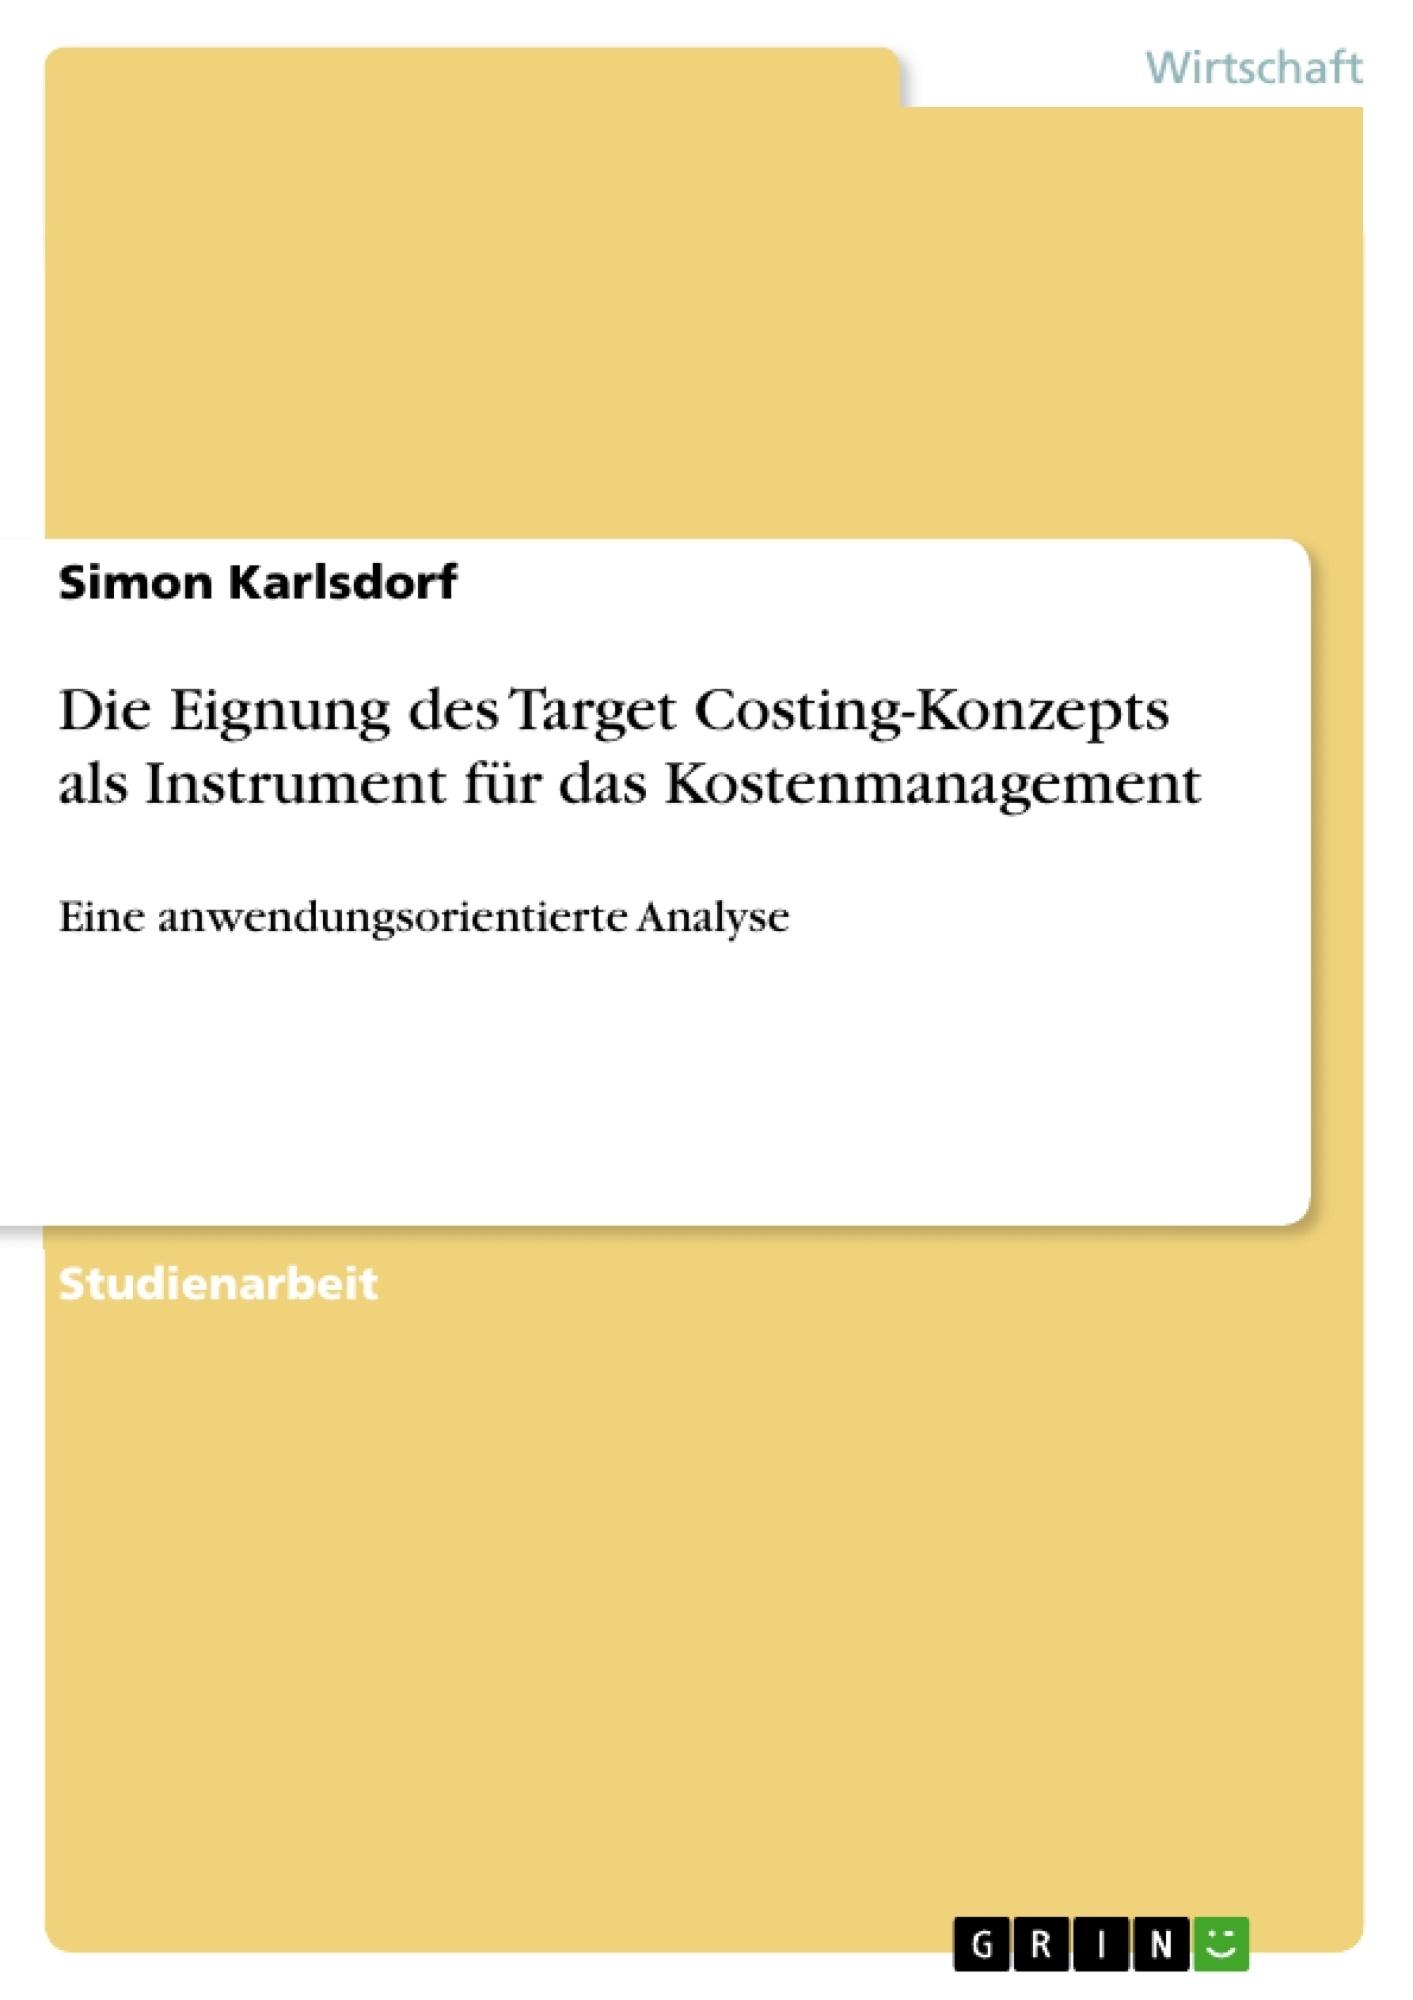 Titel: Die Eignung des Target Costing-Konzepts als Instrument für das Kostenmanagement